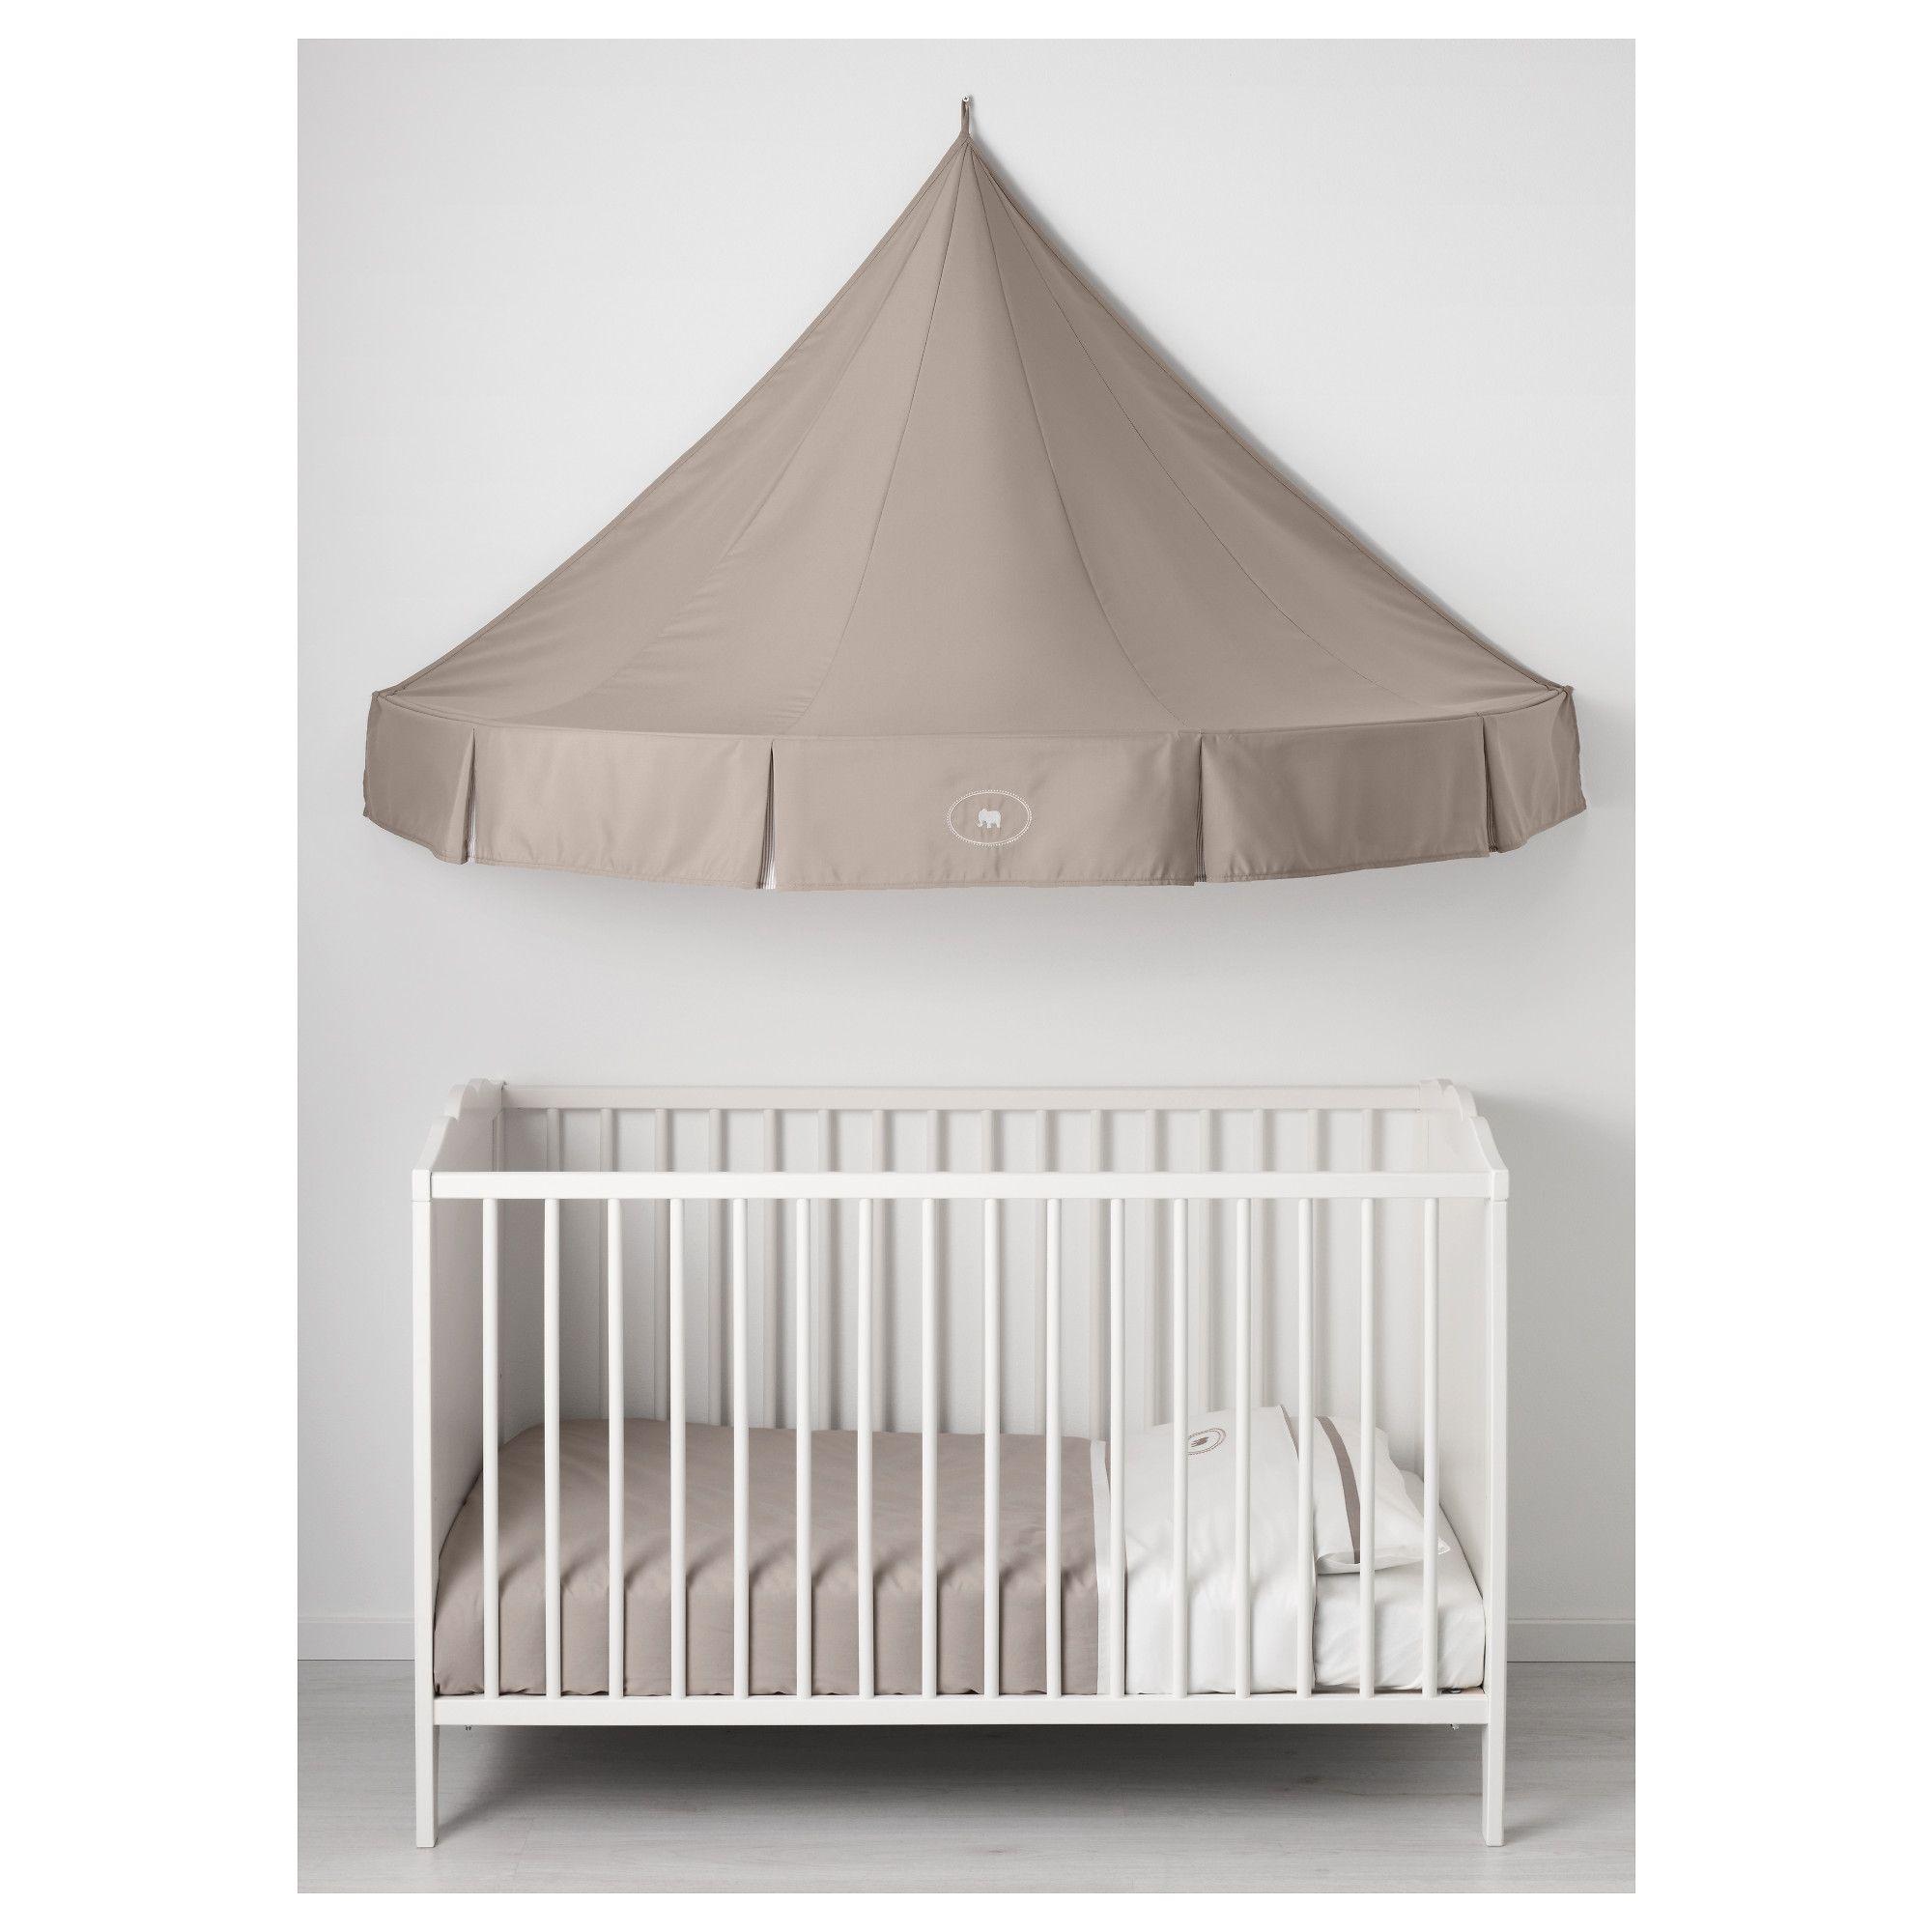 Children's Bed Tents & Canopies